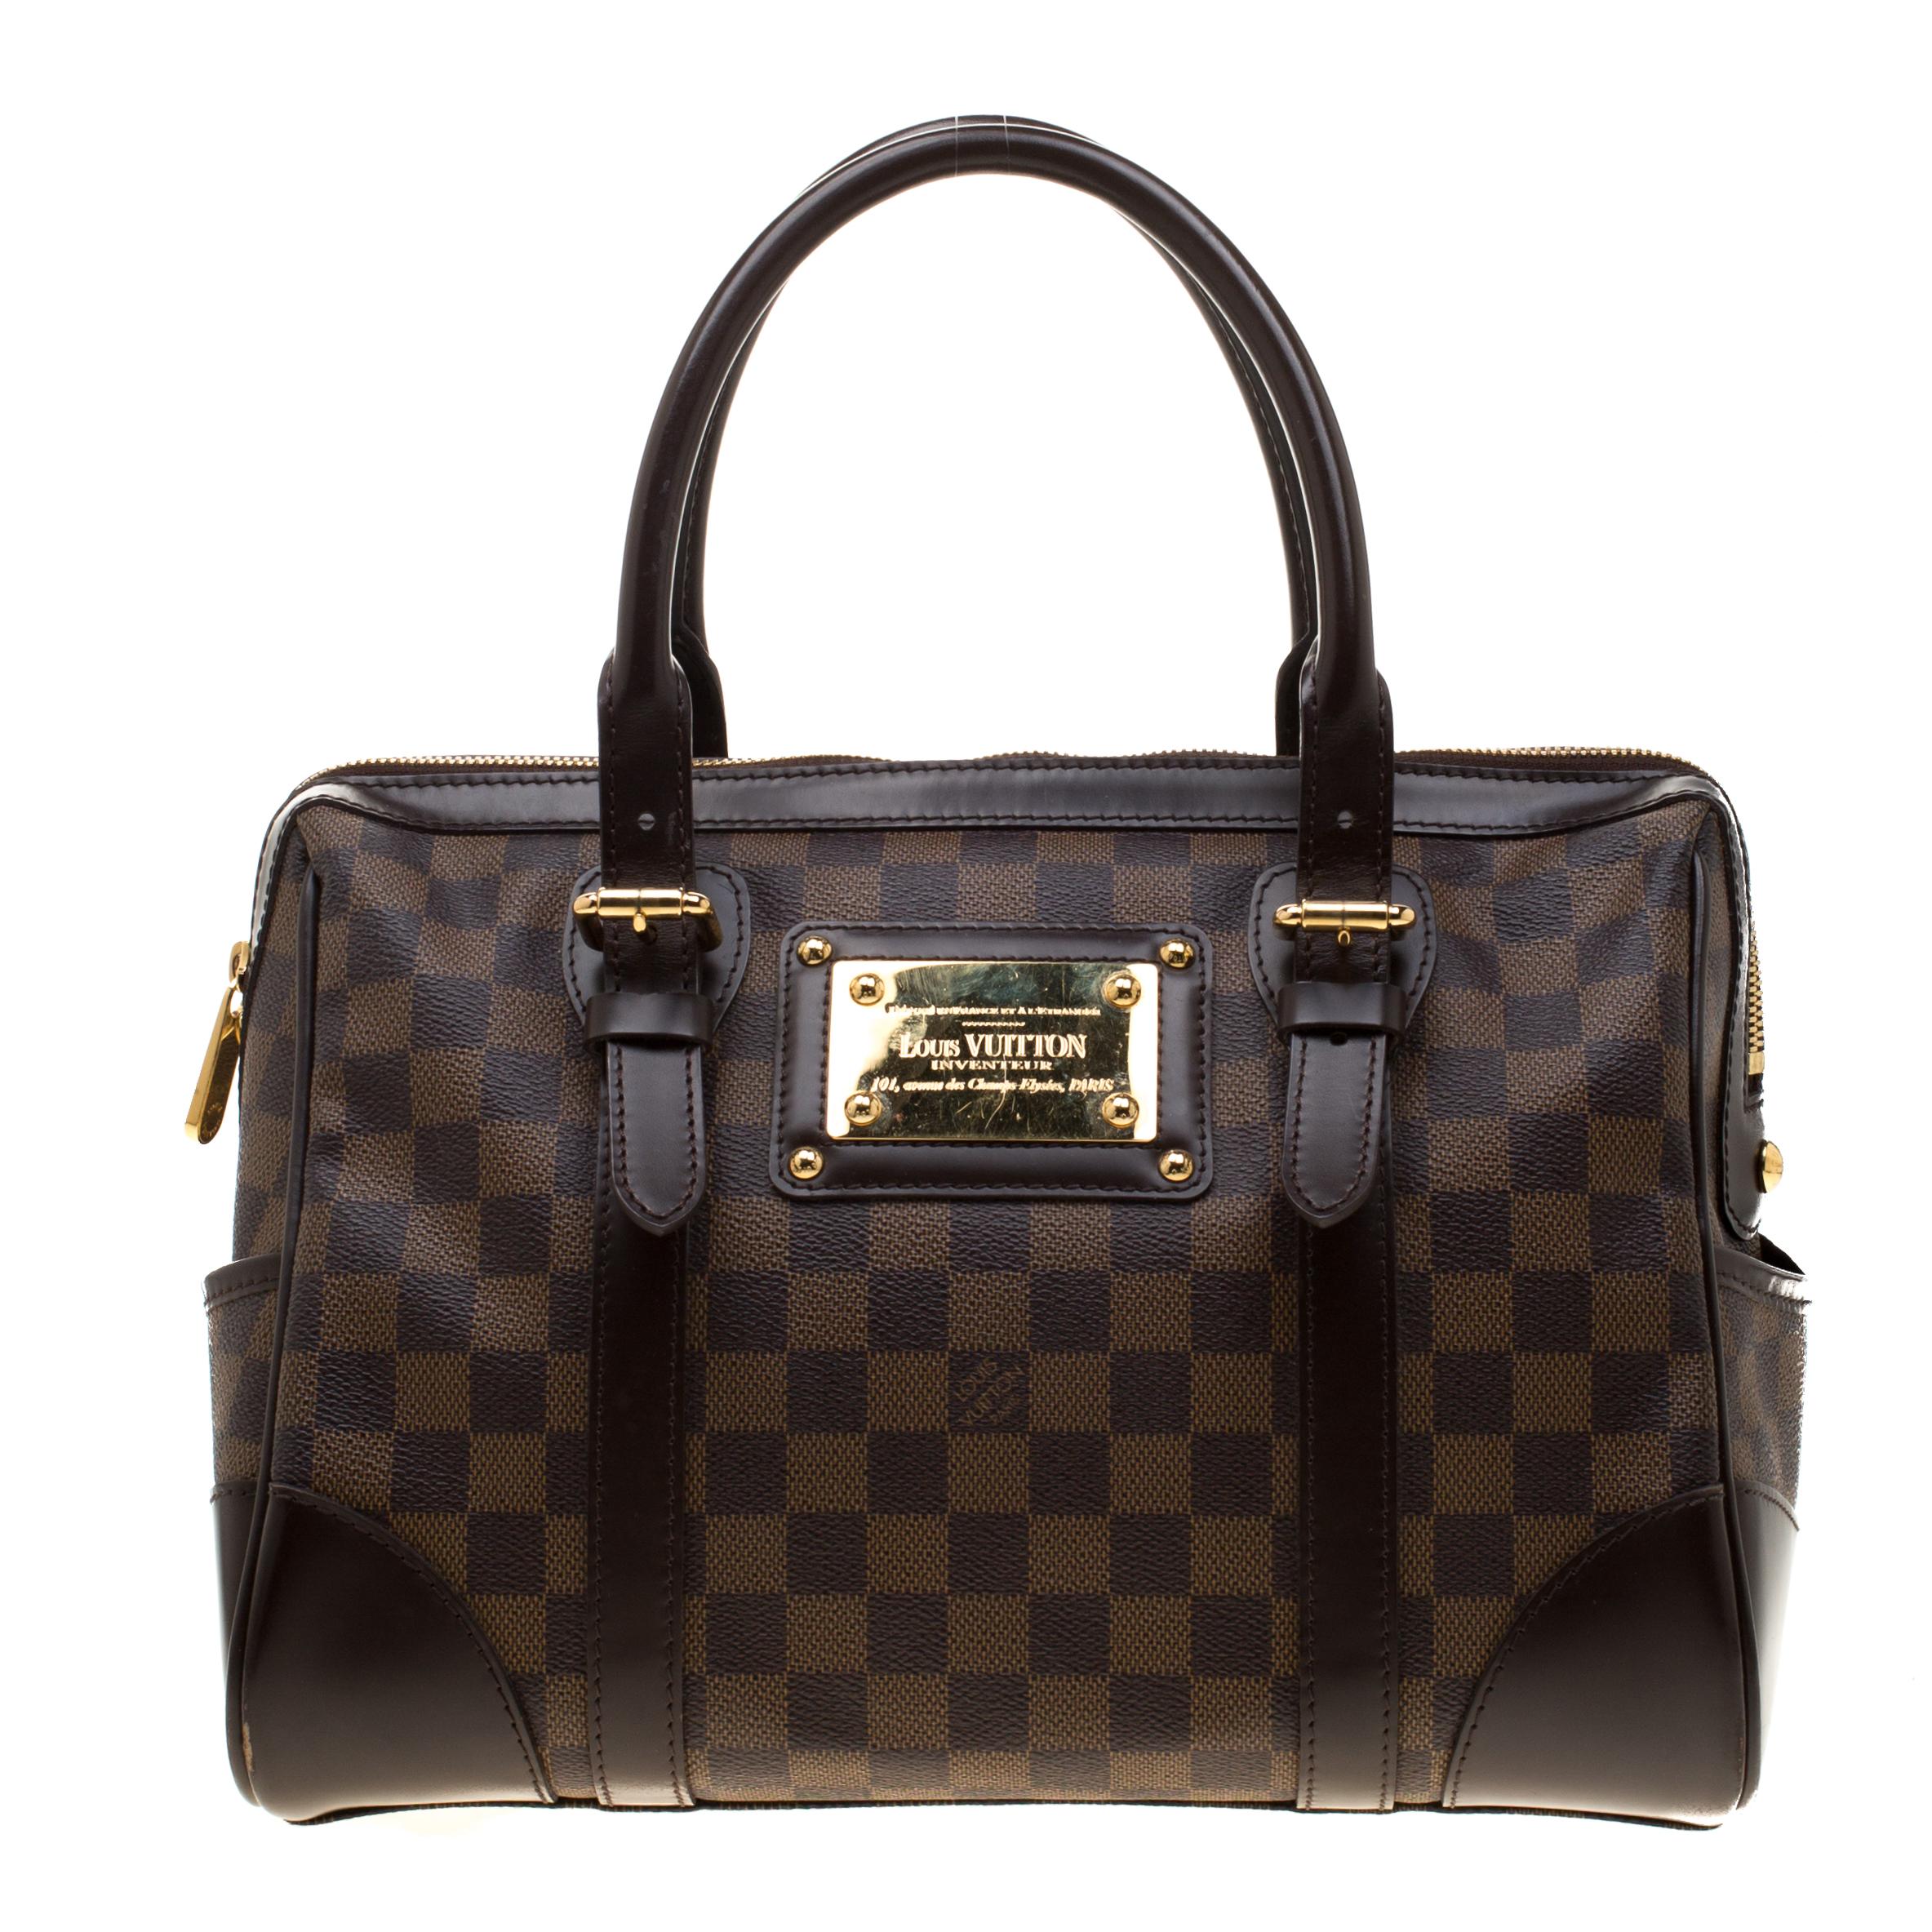 2427bd7228e9 ... Louis Vuitton Damier Ebene Canvas Berkeley Bag. nextprev. prevnext